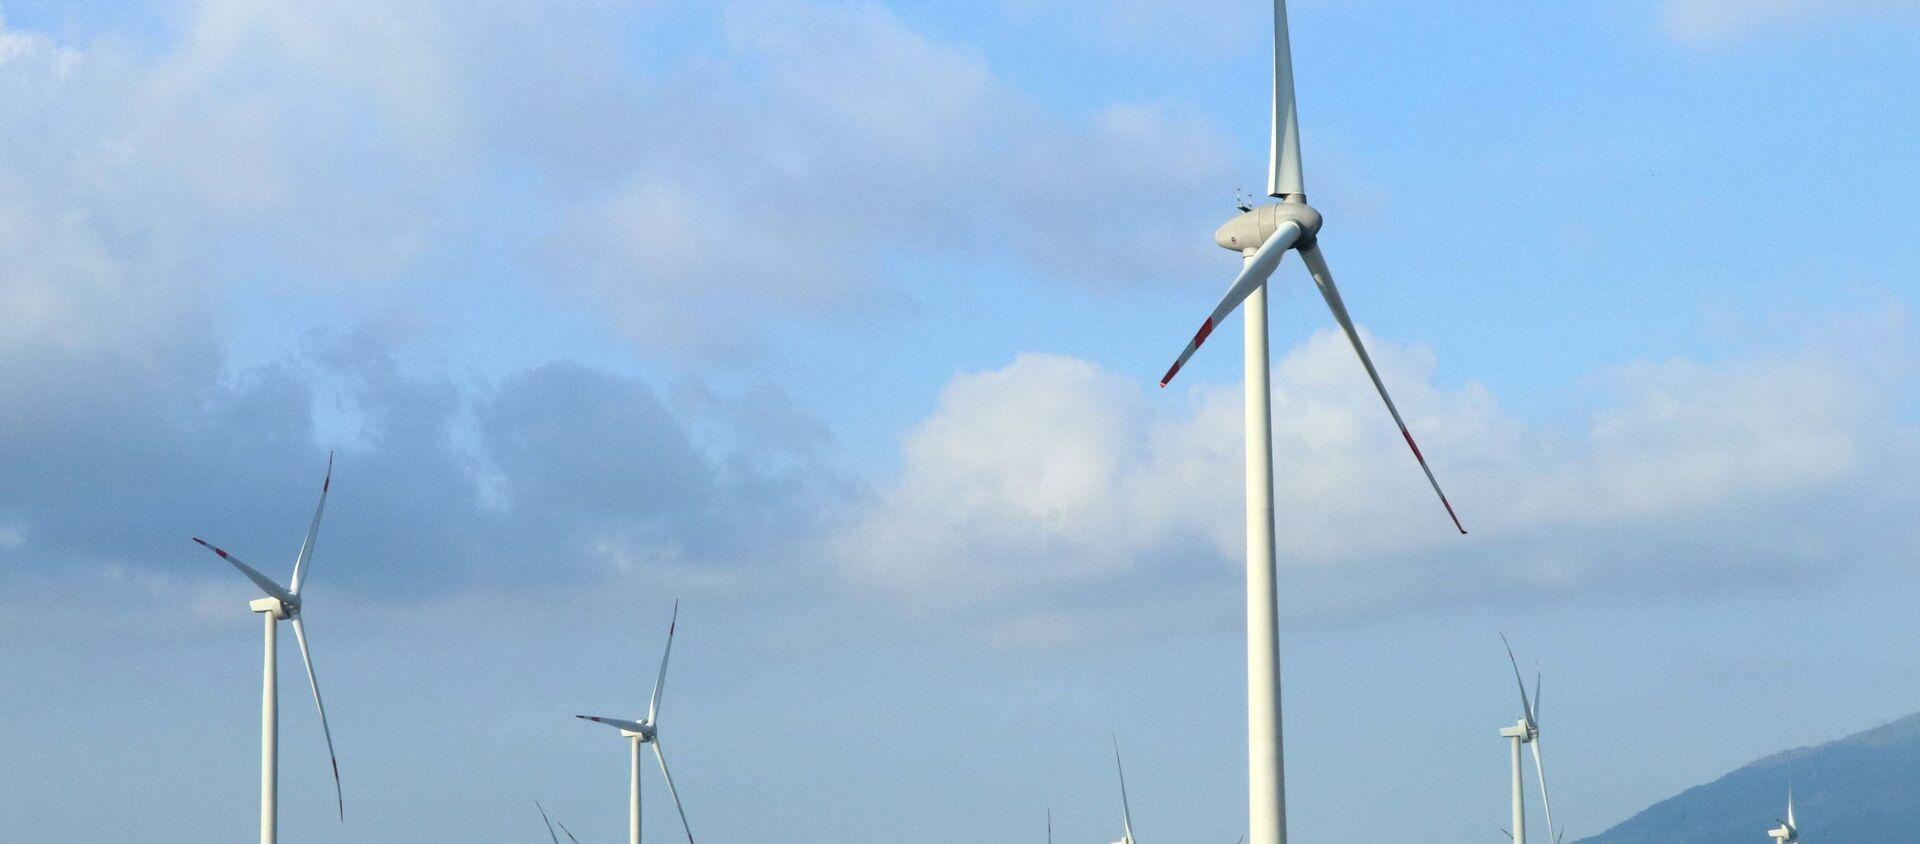 Trang trại điện gió Trung Nam được khánh thành tại huyện Thuận Bắc. - Sputnik Việt Nam, 1920, 21.05.2021